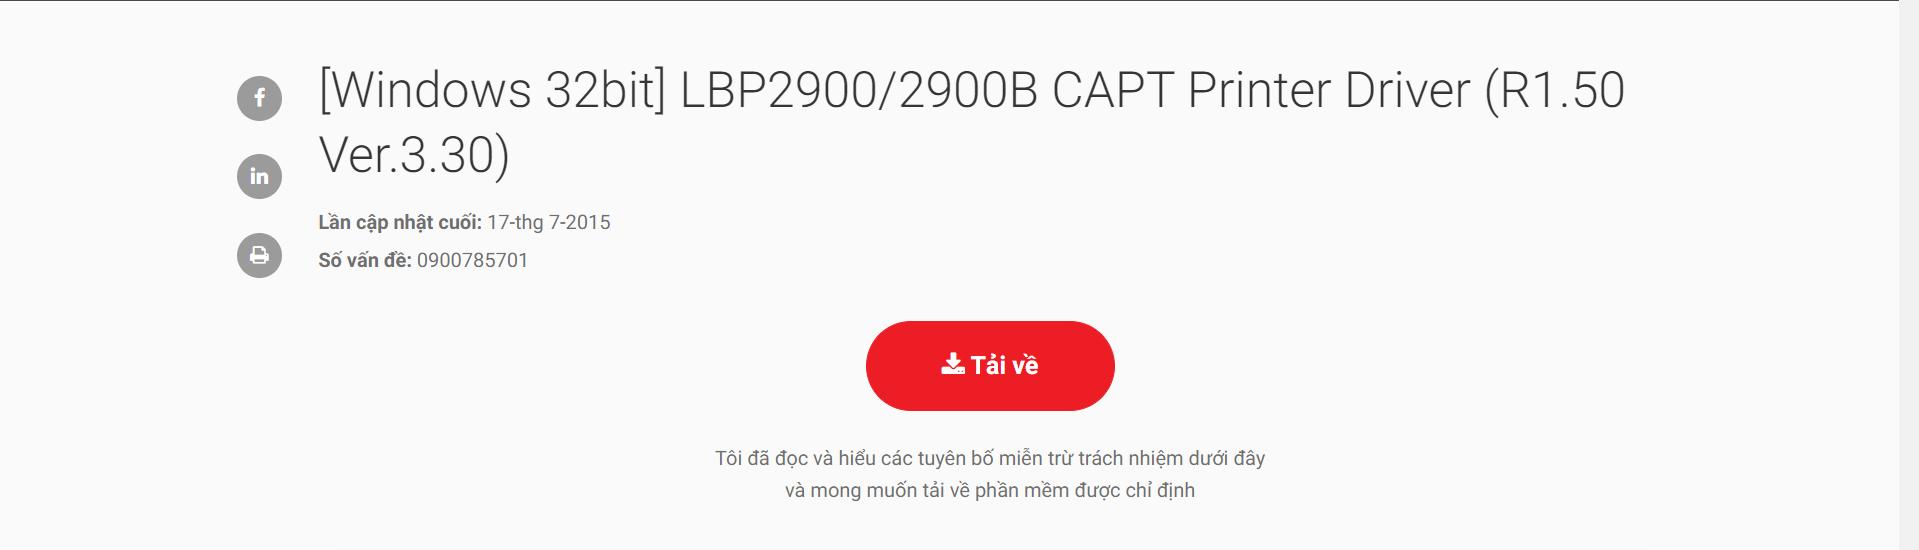 Hướng Dẫn Cài Đặt Máy In Canon Laser Shot LBP 2900 - ANPHATPC.COM.VN